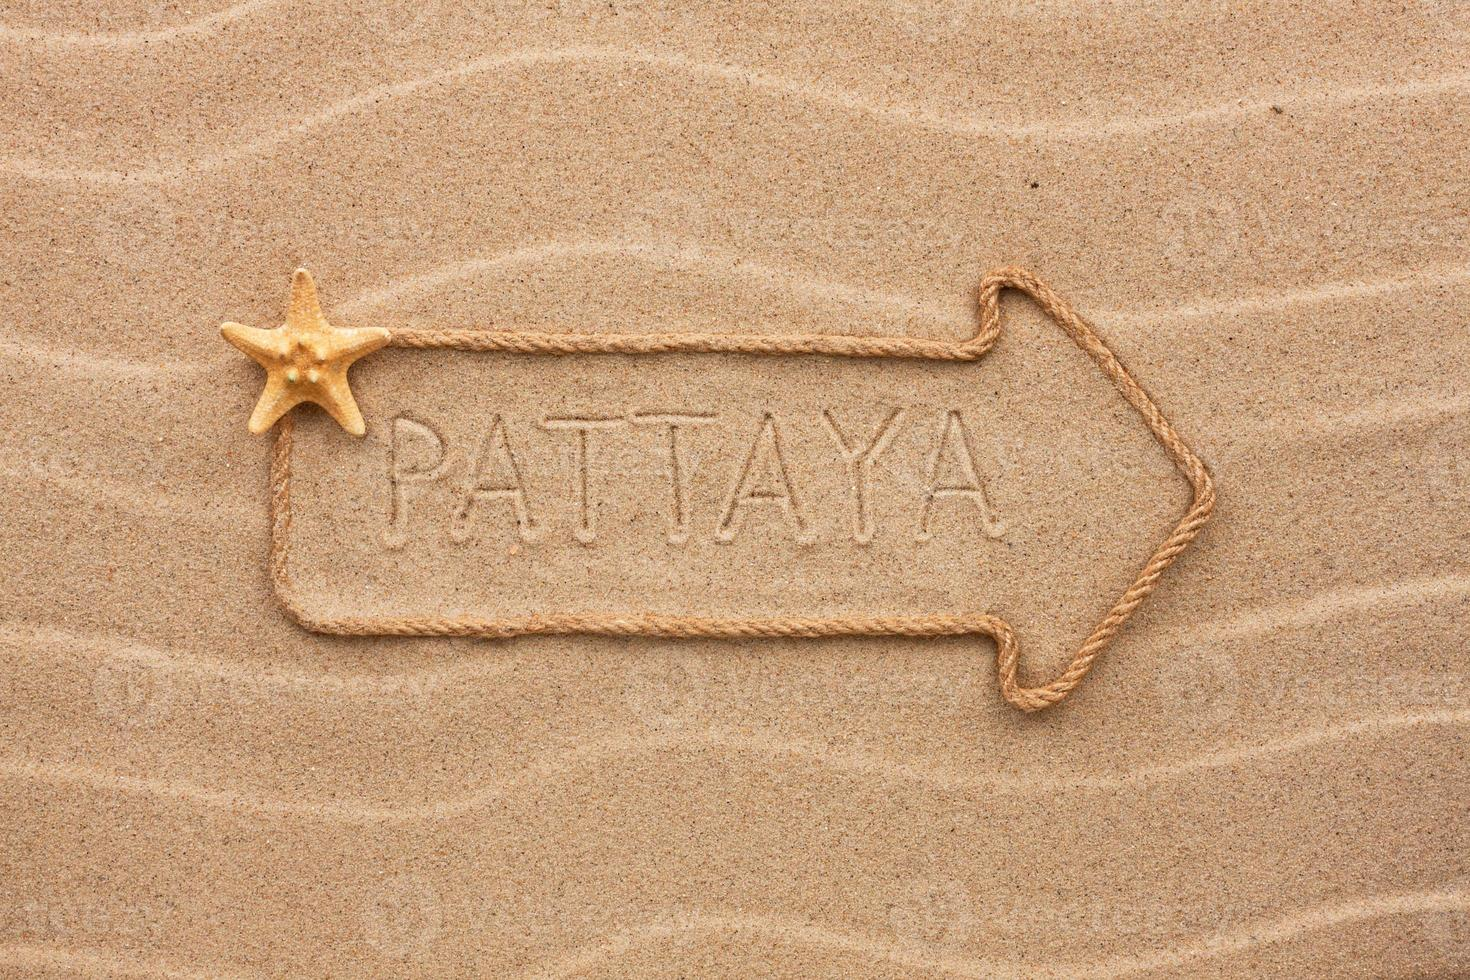 freccia fatta di corda con la parola pattaya foto